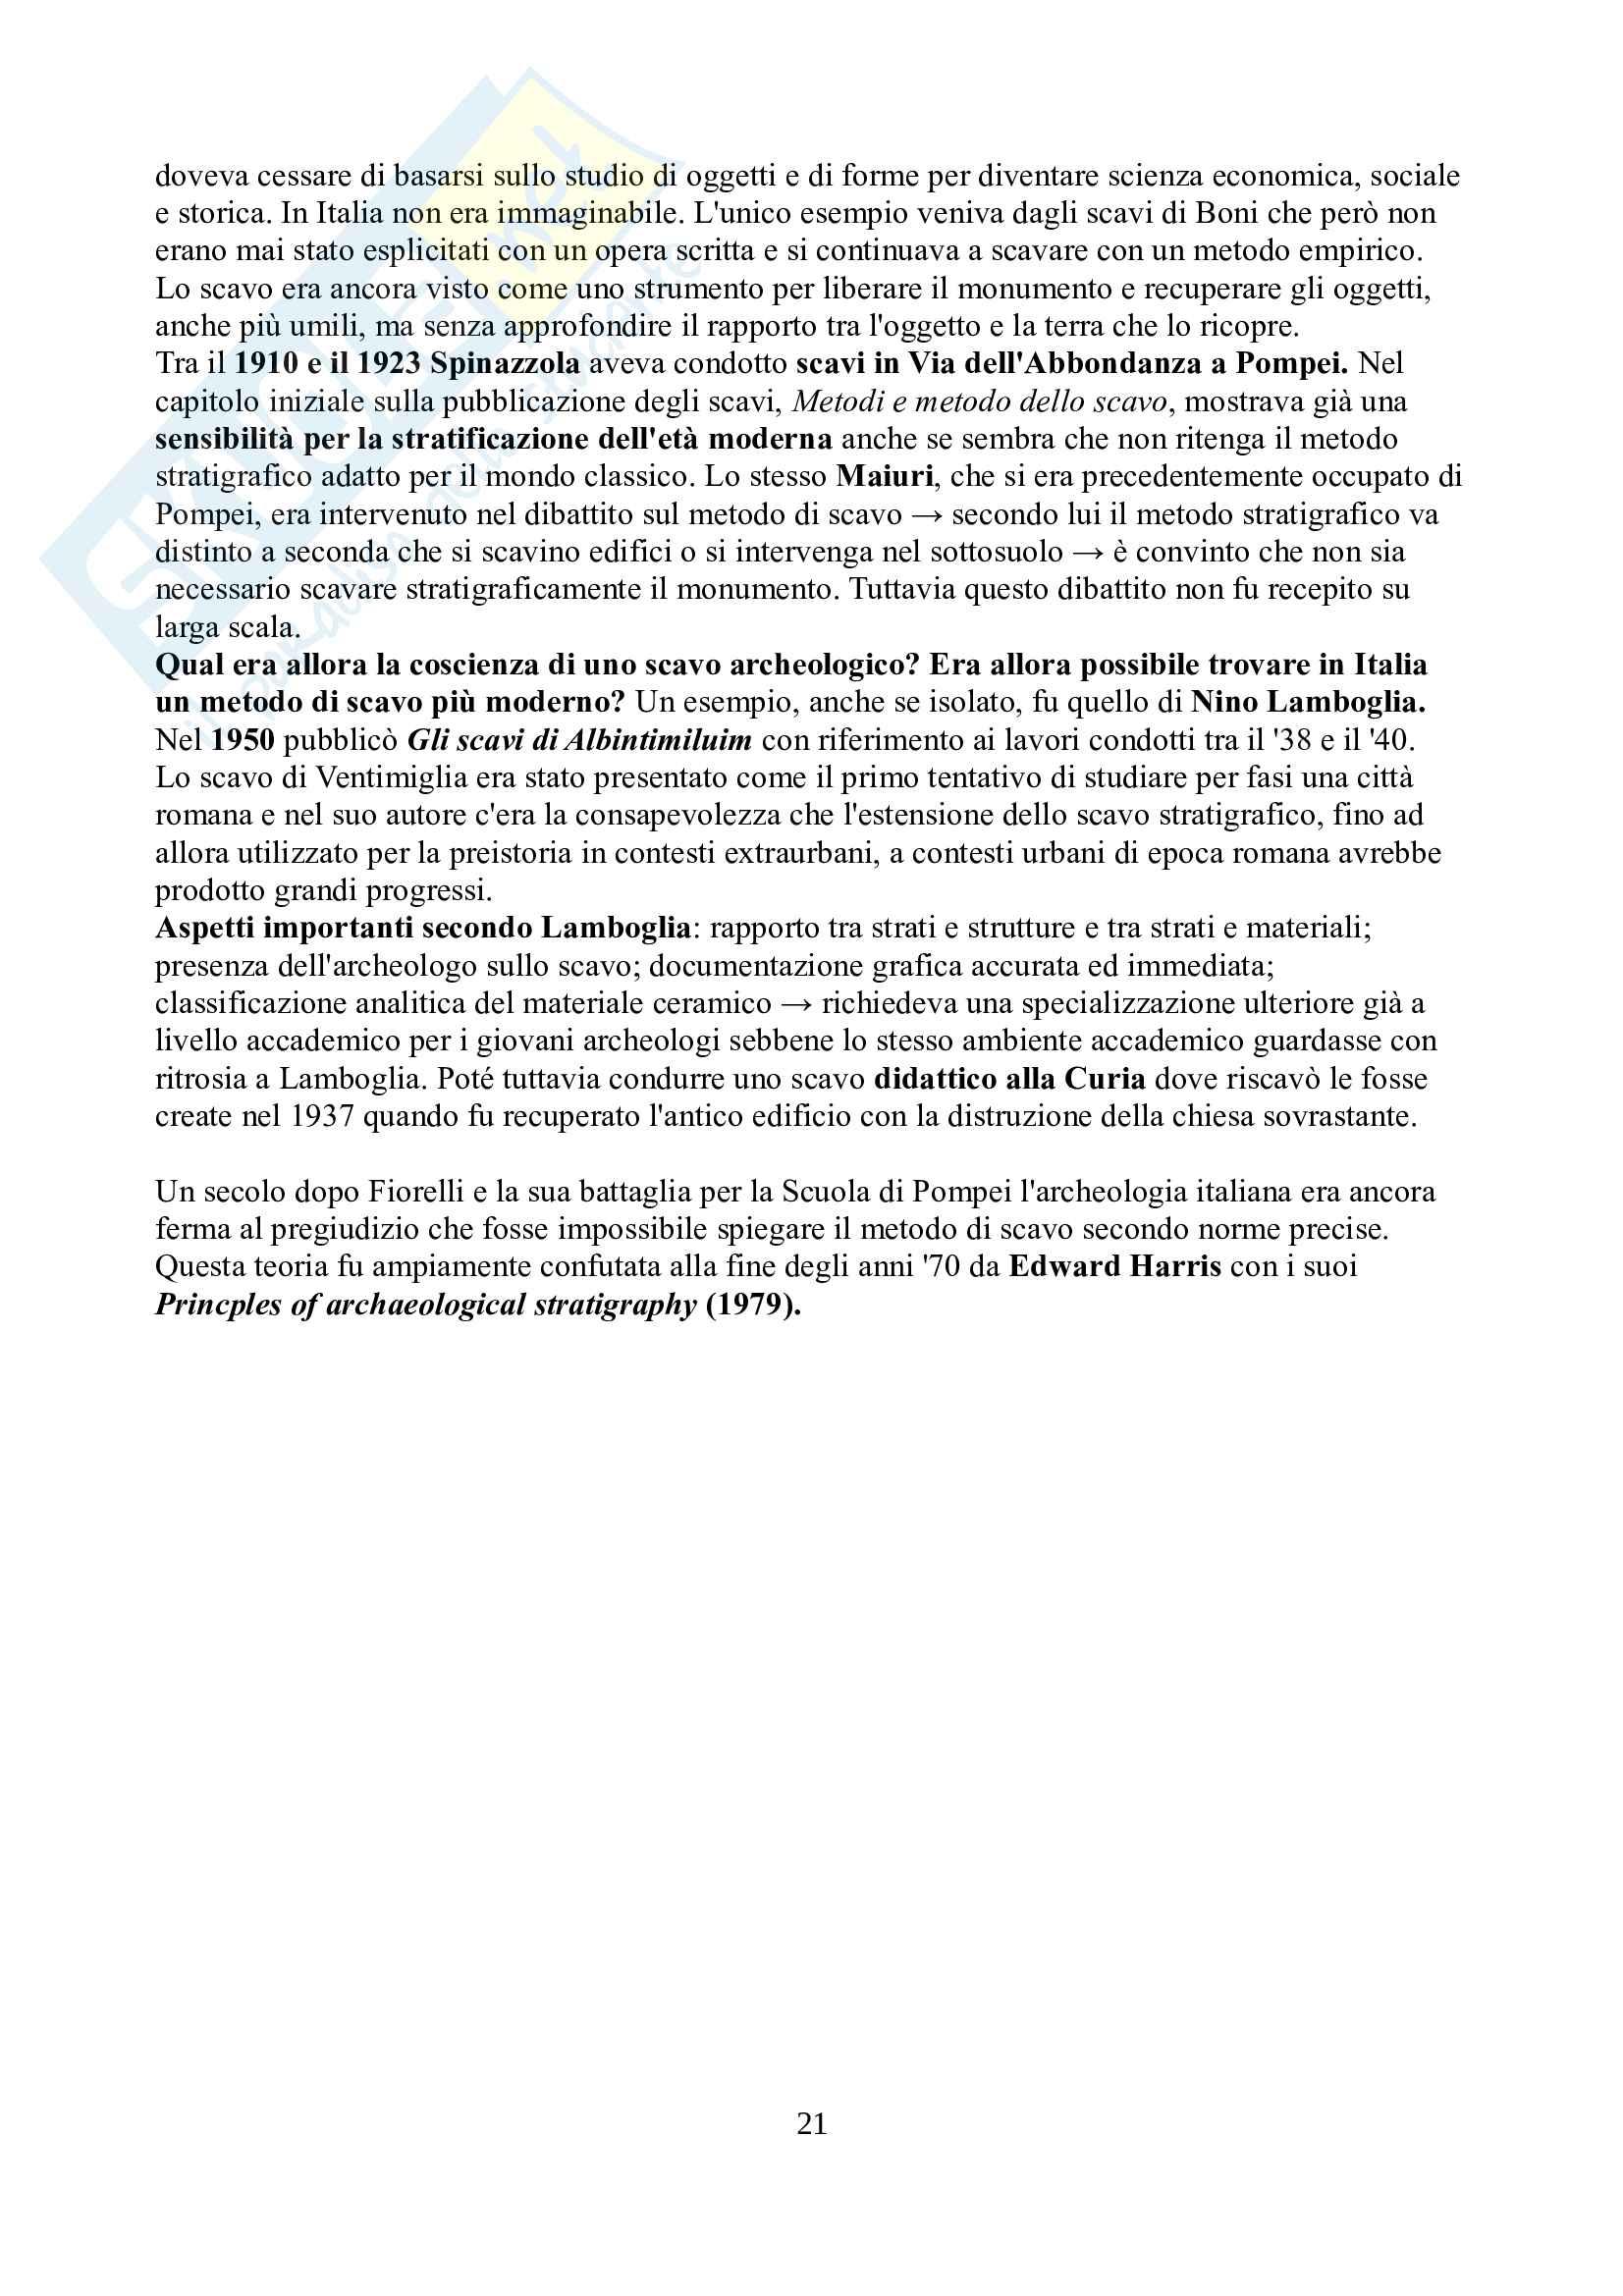 Riassunto esame Archeologia e storia dell'arte greca e romana, prof. Barbanera, libro consigliato Storia dell'archeologia classica, Barbanera Pag. 21